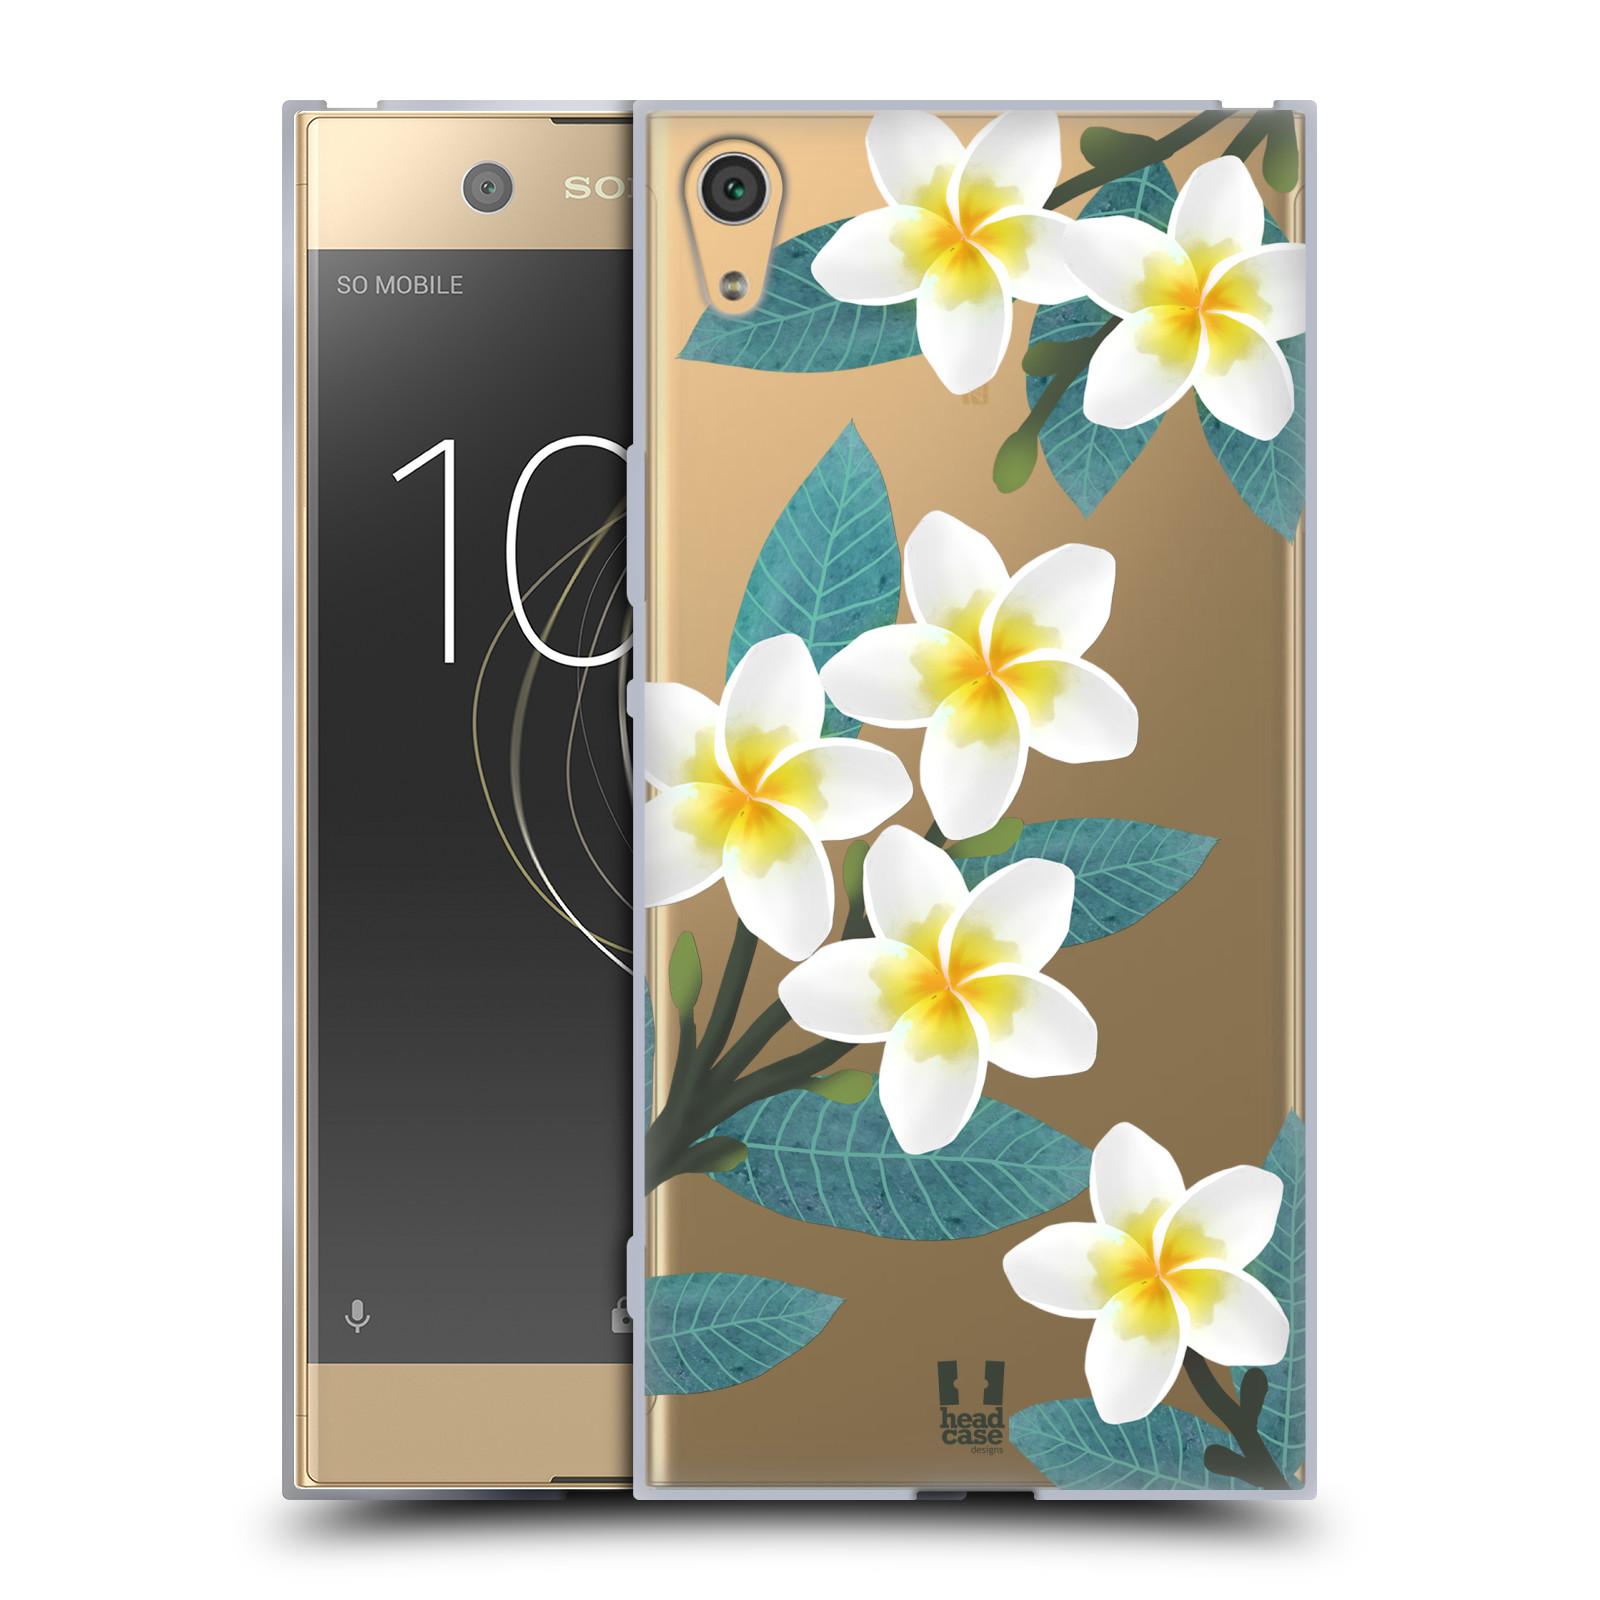 HEAD CASE silikonový obal na mobil Sony Xperia XA1 ULTRA květinové vzory Plumérie